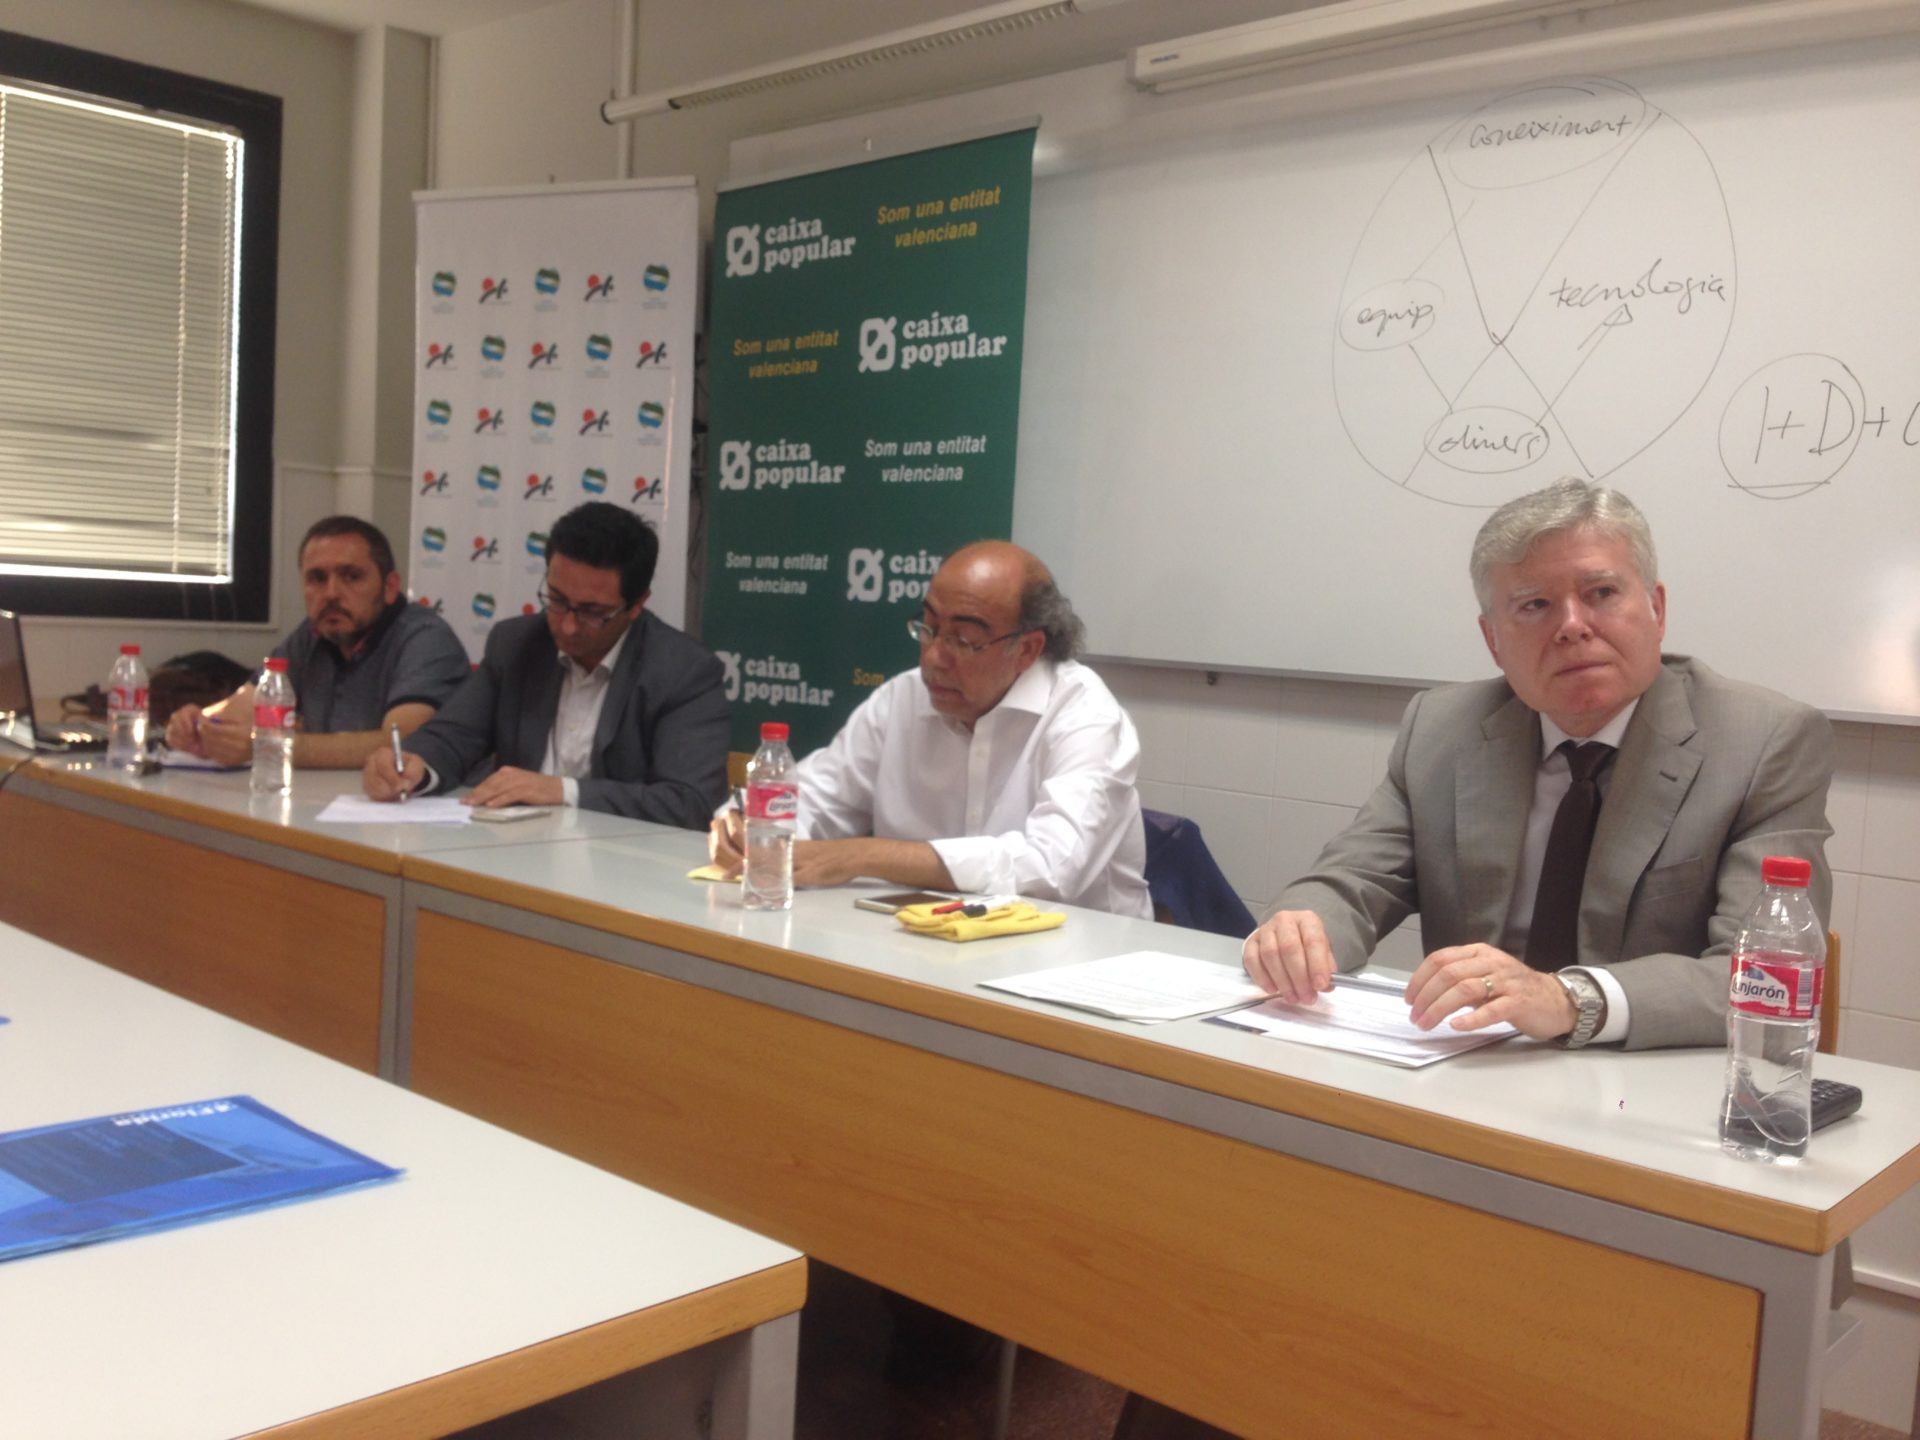 Los empresarios de la comarca de l'Horta Sud ponen a debate la Innovación, el empleo y la renta ciudadana